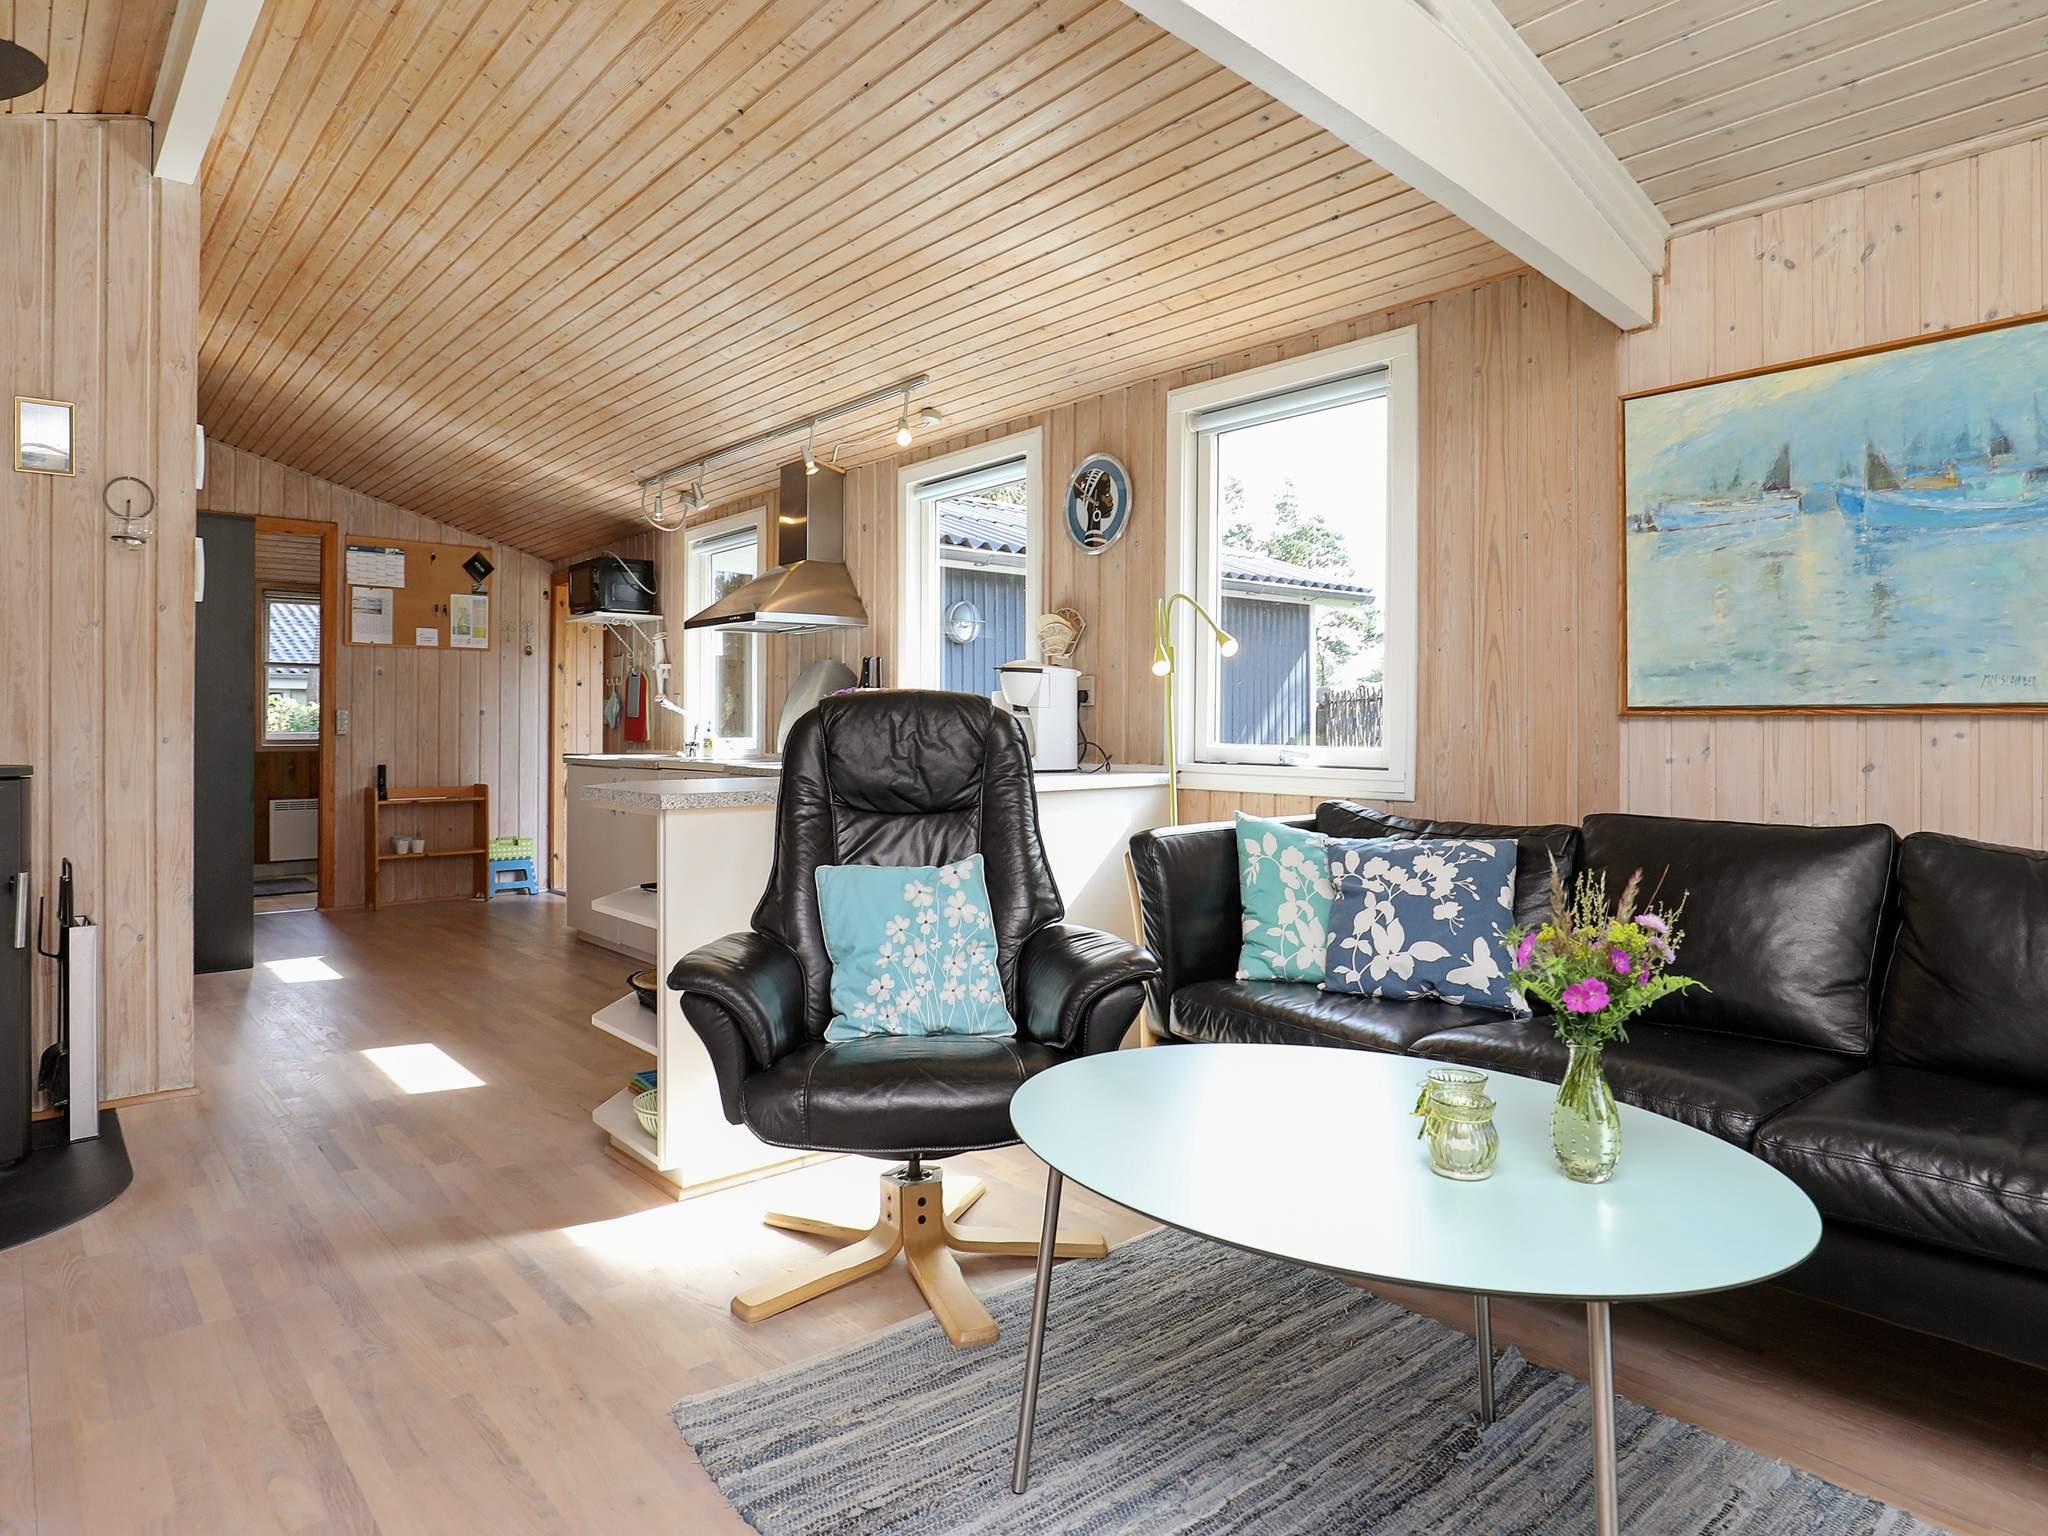 Ferienhaus Kjul Strand (2523809), Hirtshals, , Nordwestjütland, Dänemark, Bild 4